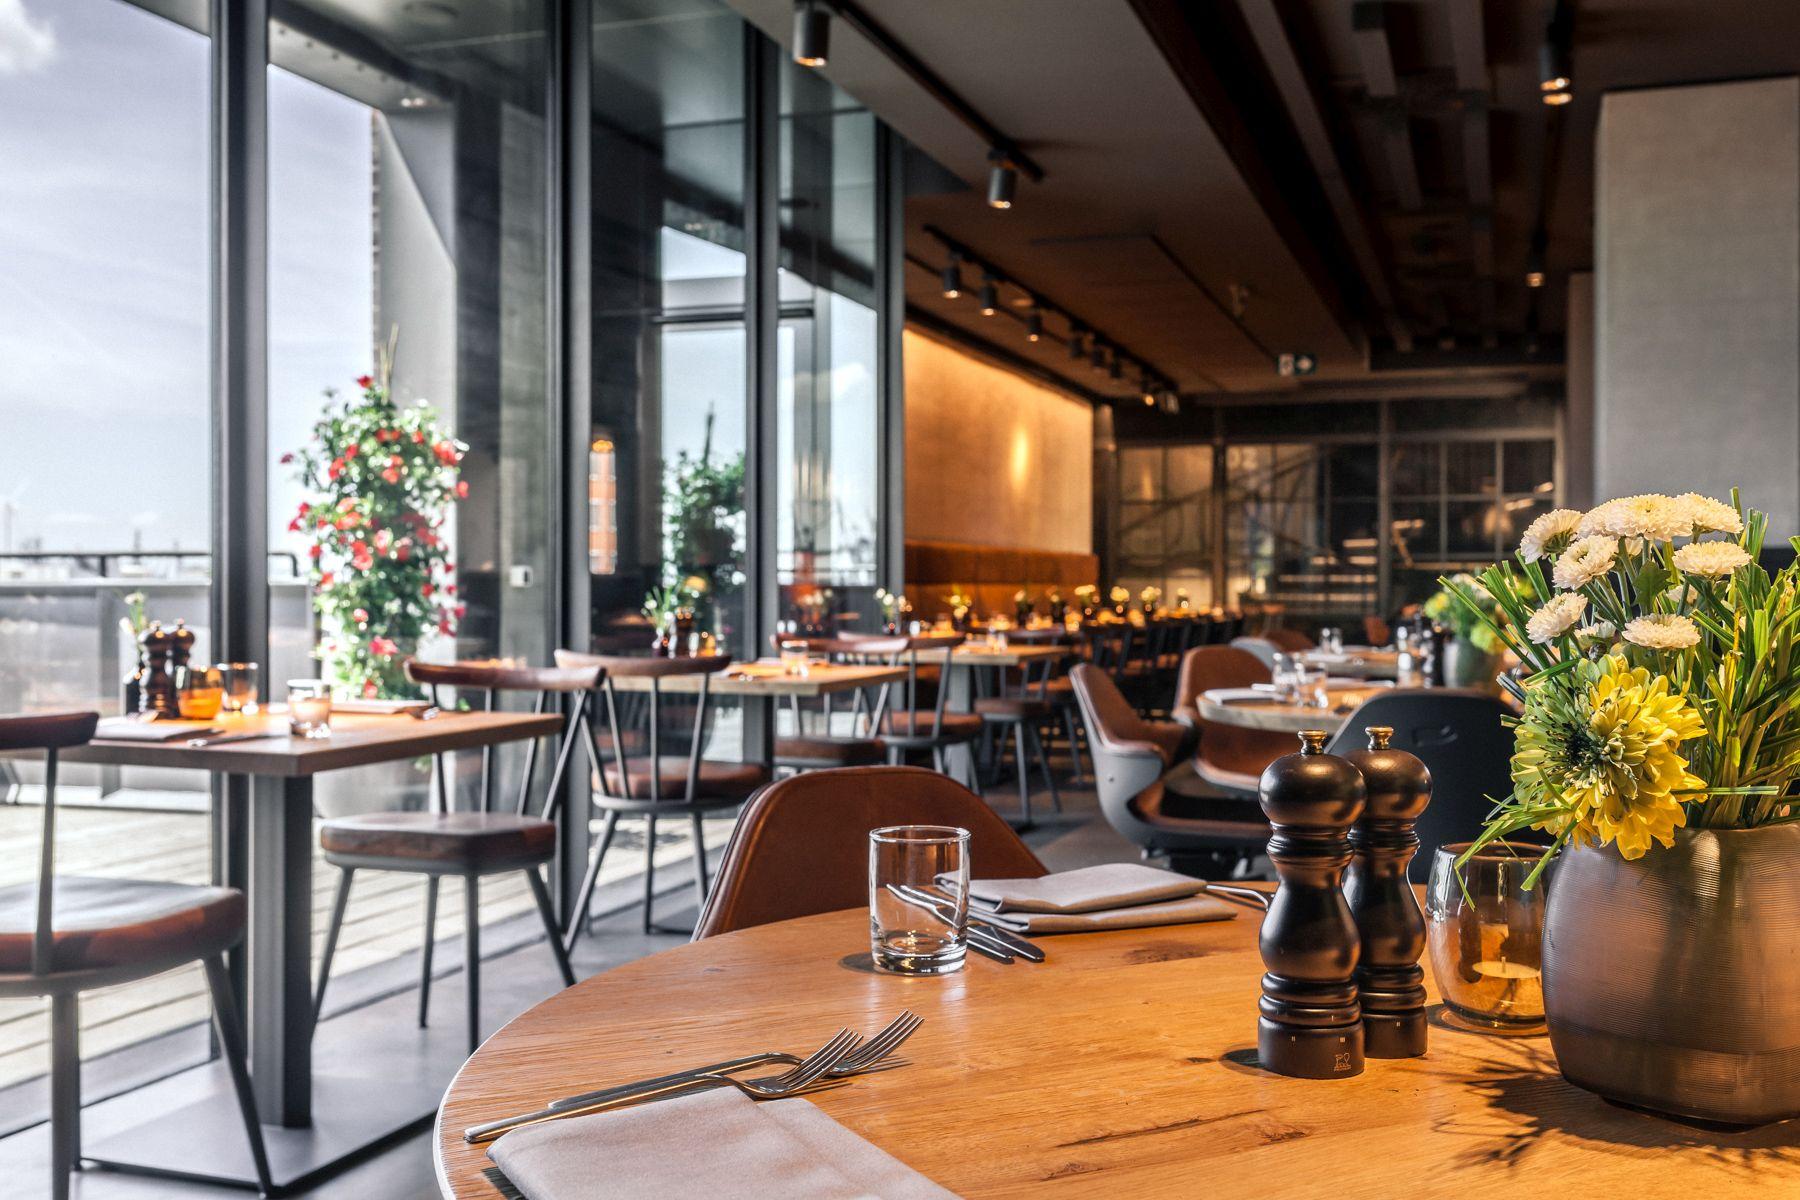 Galerie_Restaurant_Fenster